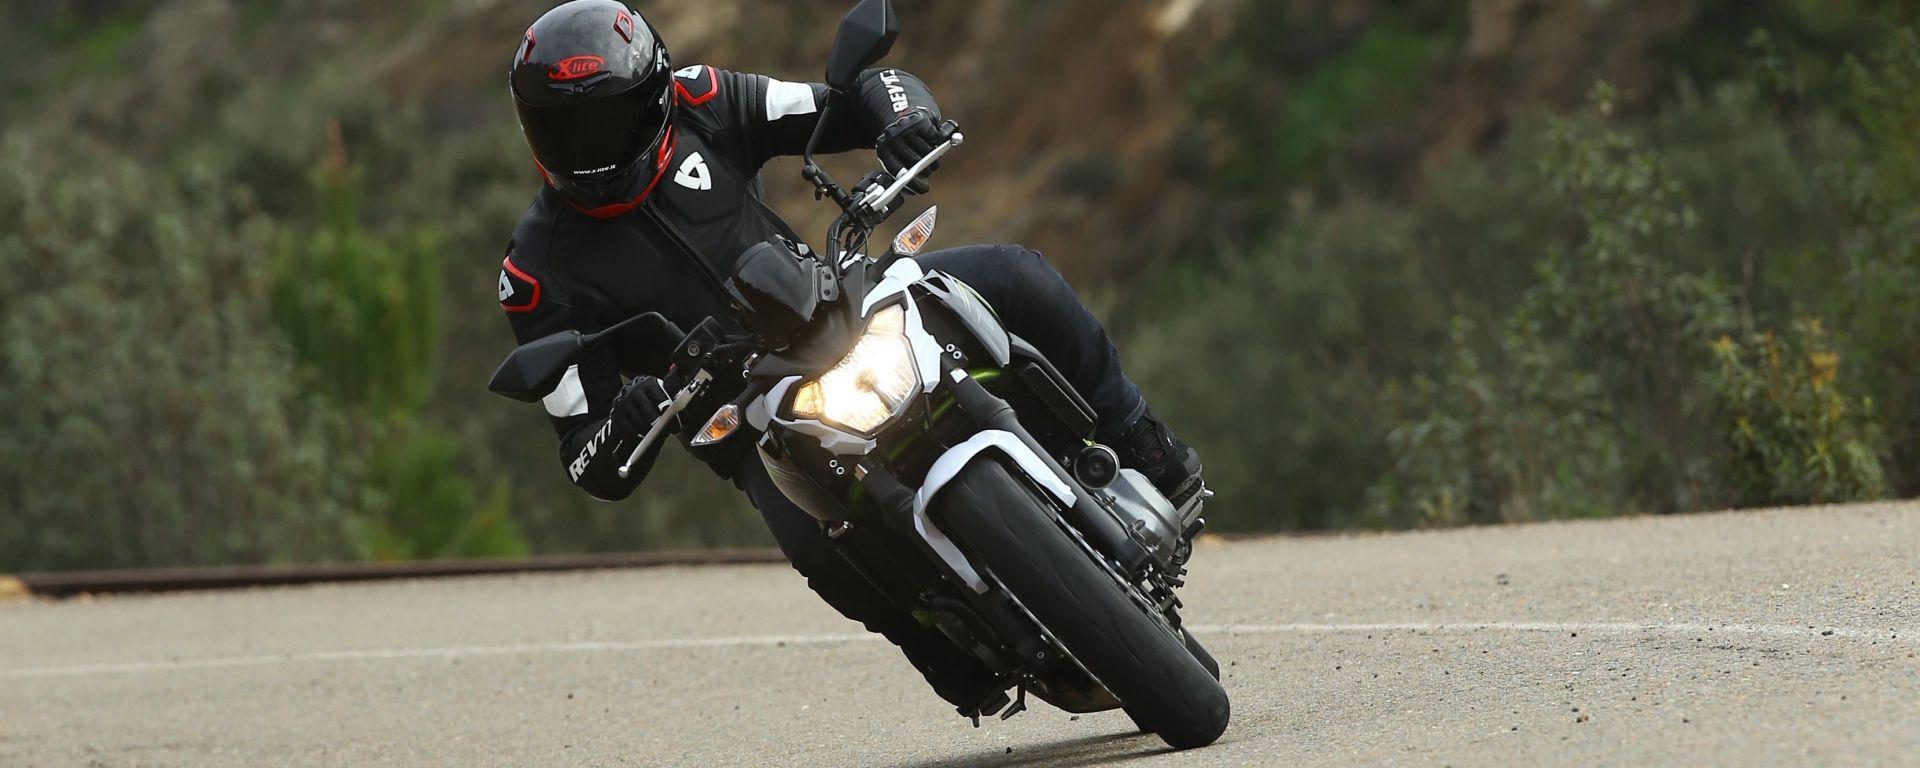 Nuova Kawasaki Z650: prova, prezzo, caratteristiche. Guarda il video